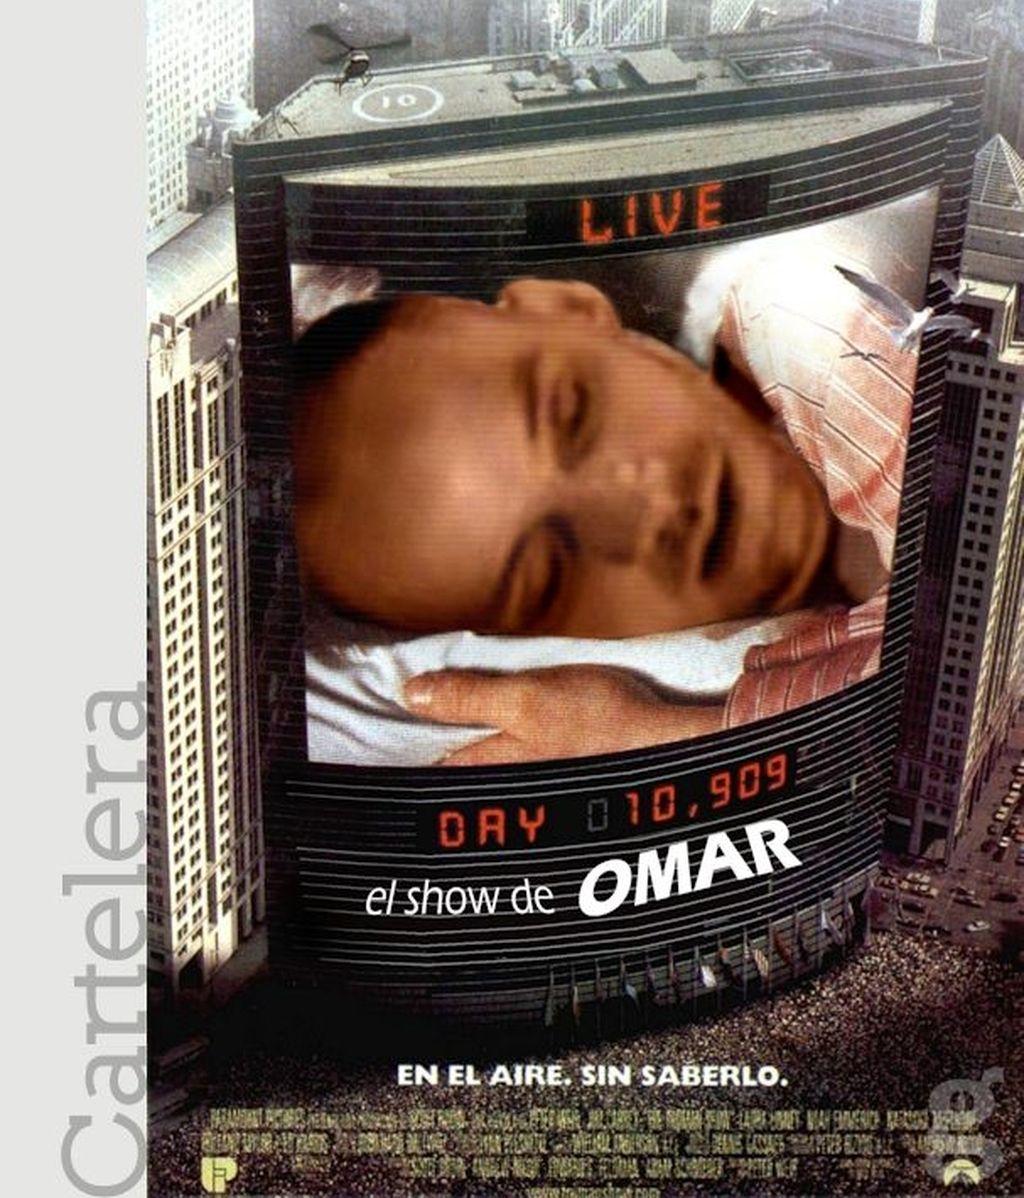 Cartelera: El show de Omar